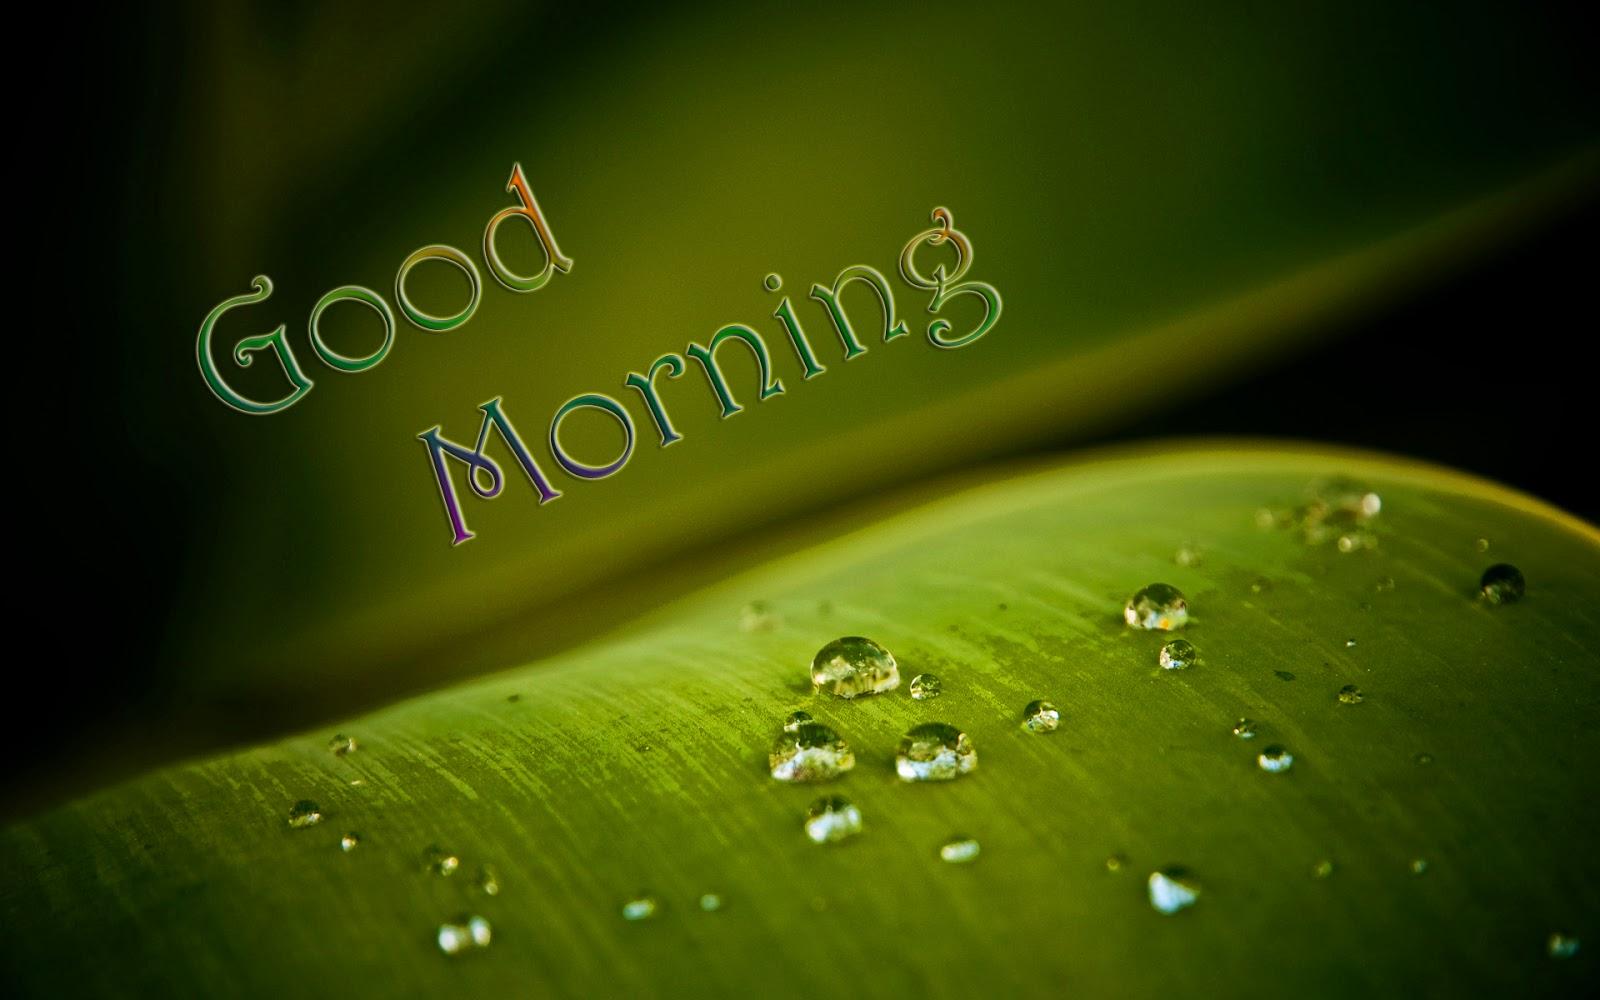 صور صباح الخير وصور للصباح (26)